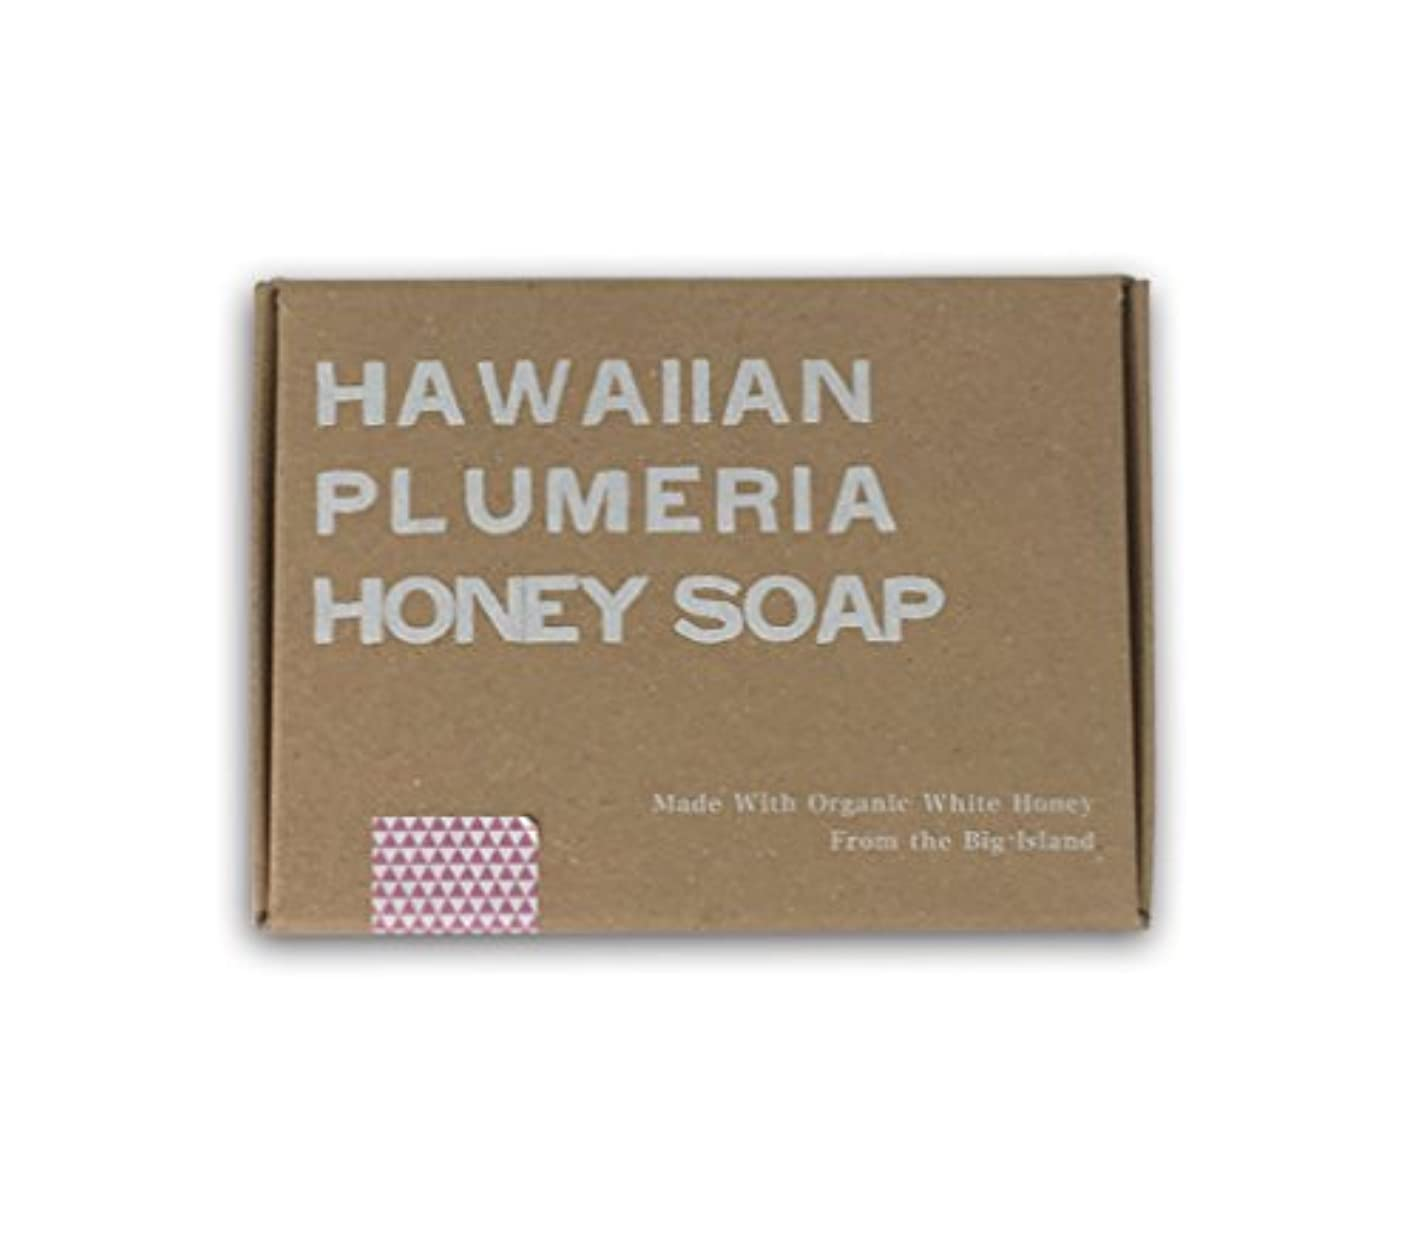 主要な精神にじみ出るホワイトハニーオーガニクス ハワイアン・プルメリア・ハニーソープ (Hawaiian Plumeria Honey Soap)